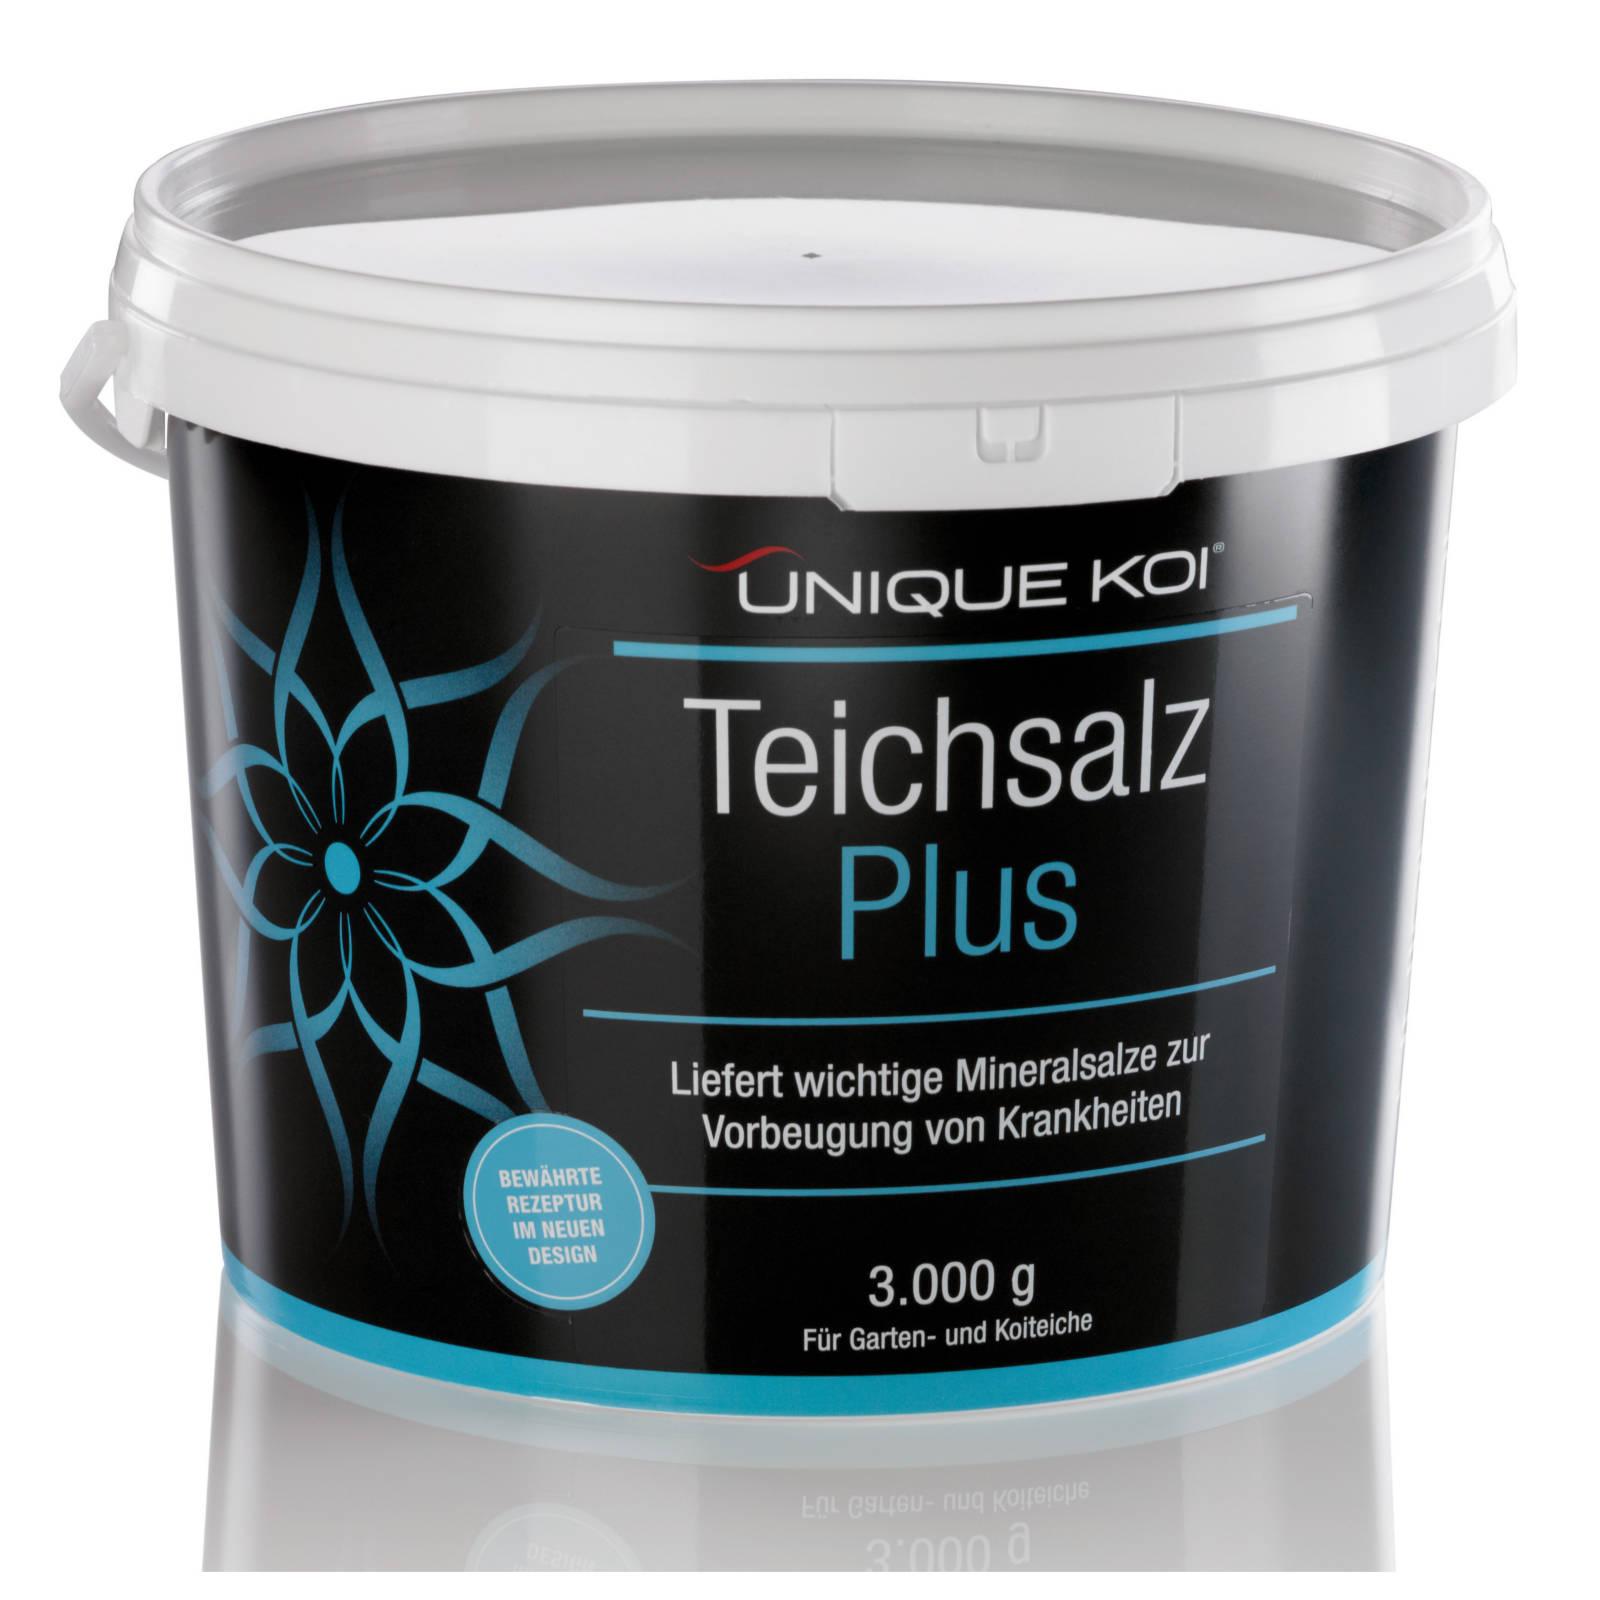 Unique Koi Teichsalz Plus Liefert wichtige Mineralsalze zur Vorbeugung von Krankheiten 10000g